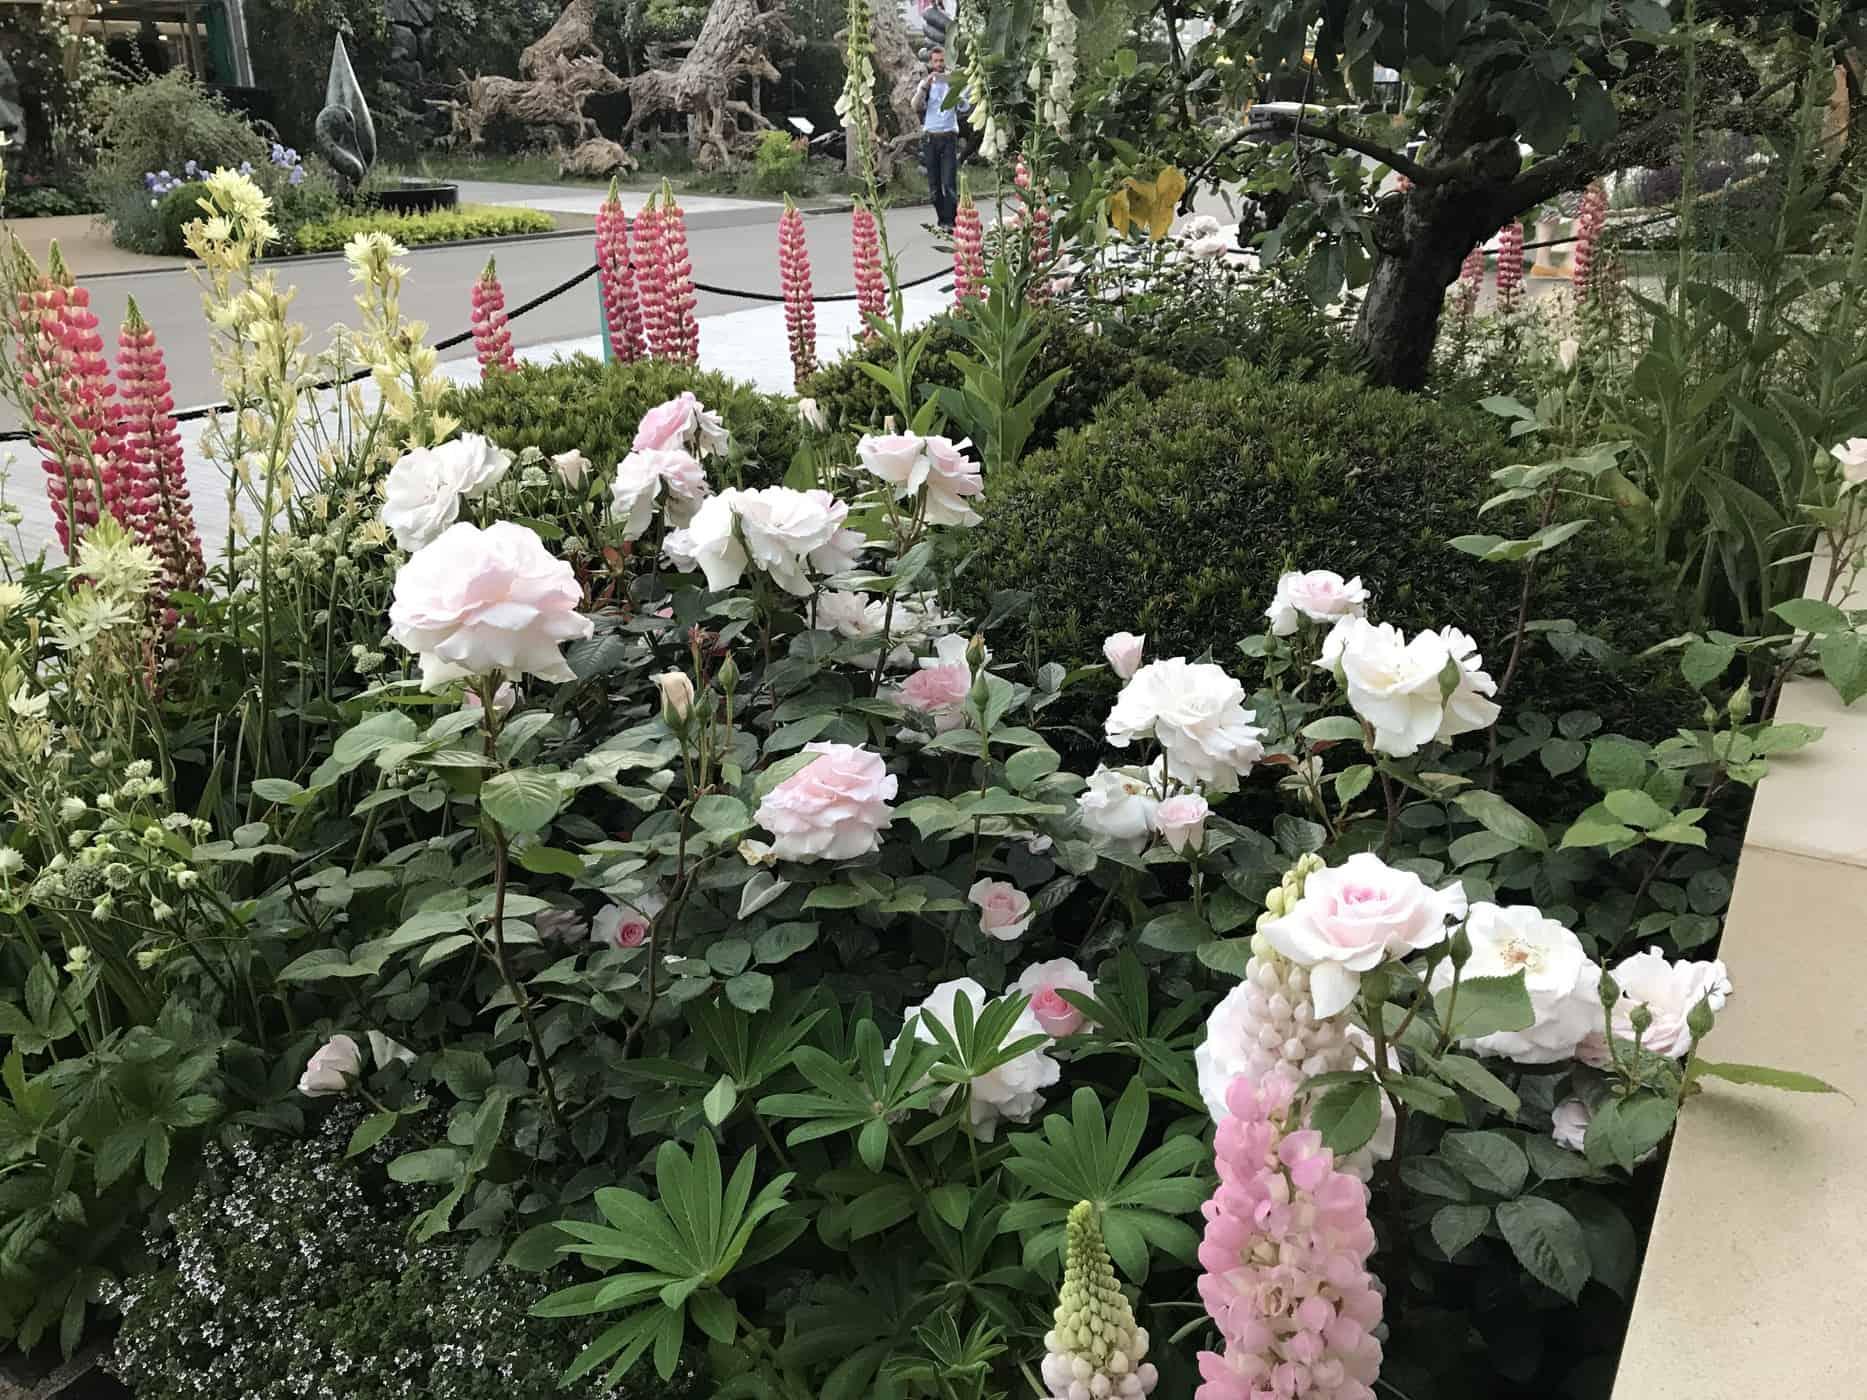 Lupin rose dans le jardin image stock. Image du lupine - 55286833